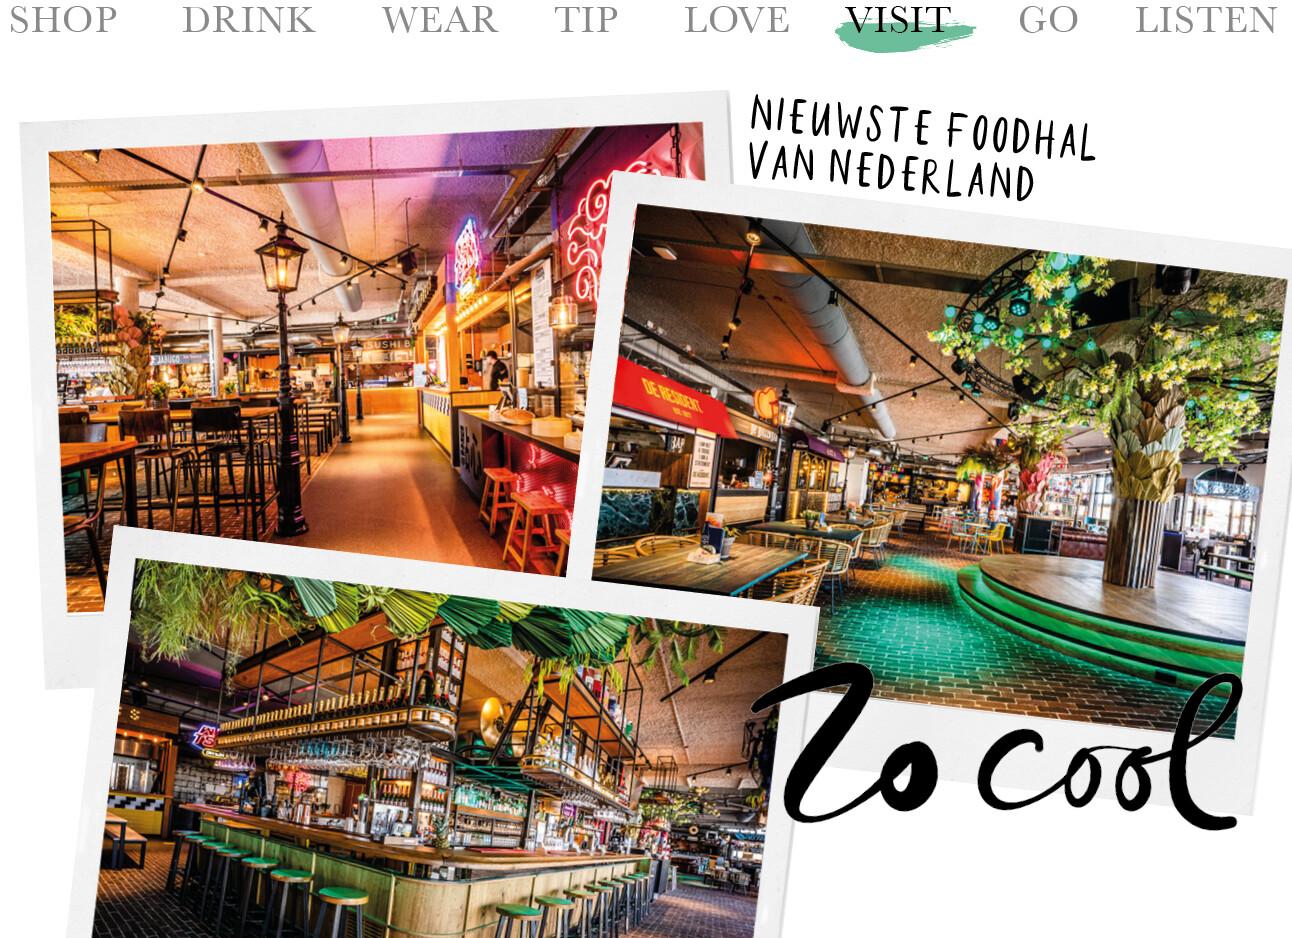 Today we visit de nieuwste foodhal van Nederland